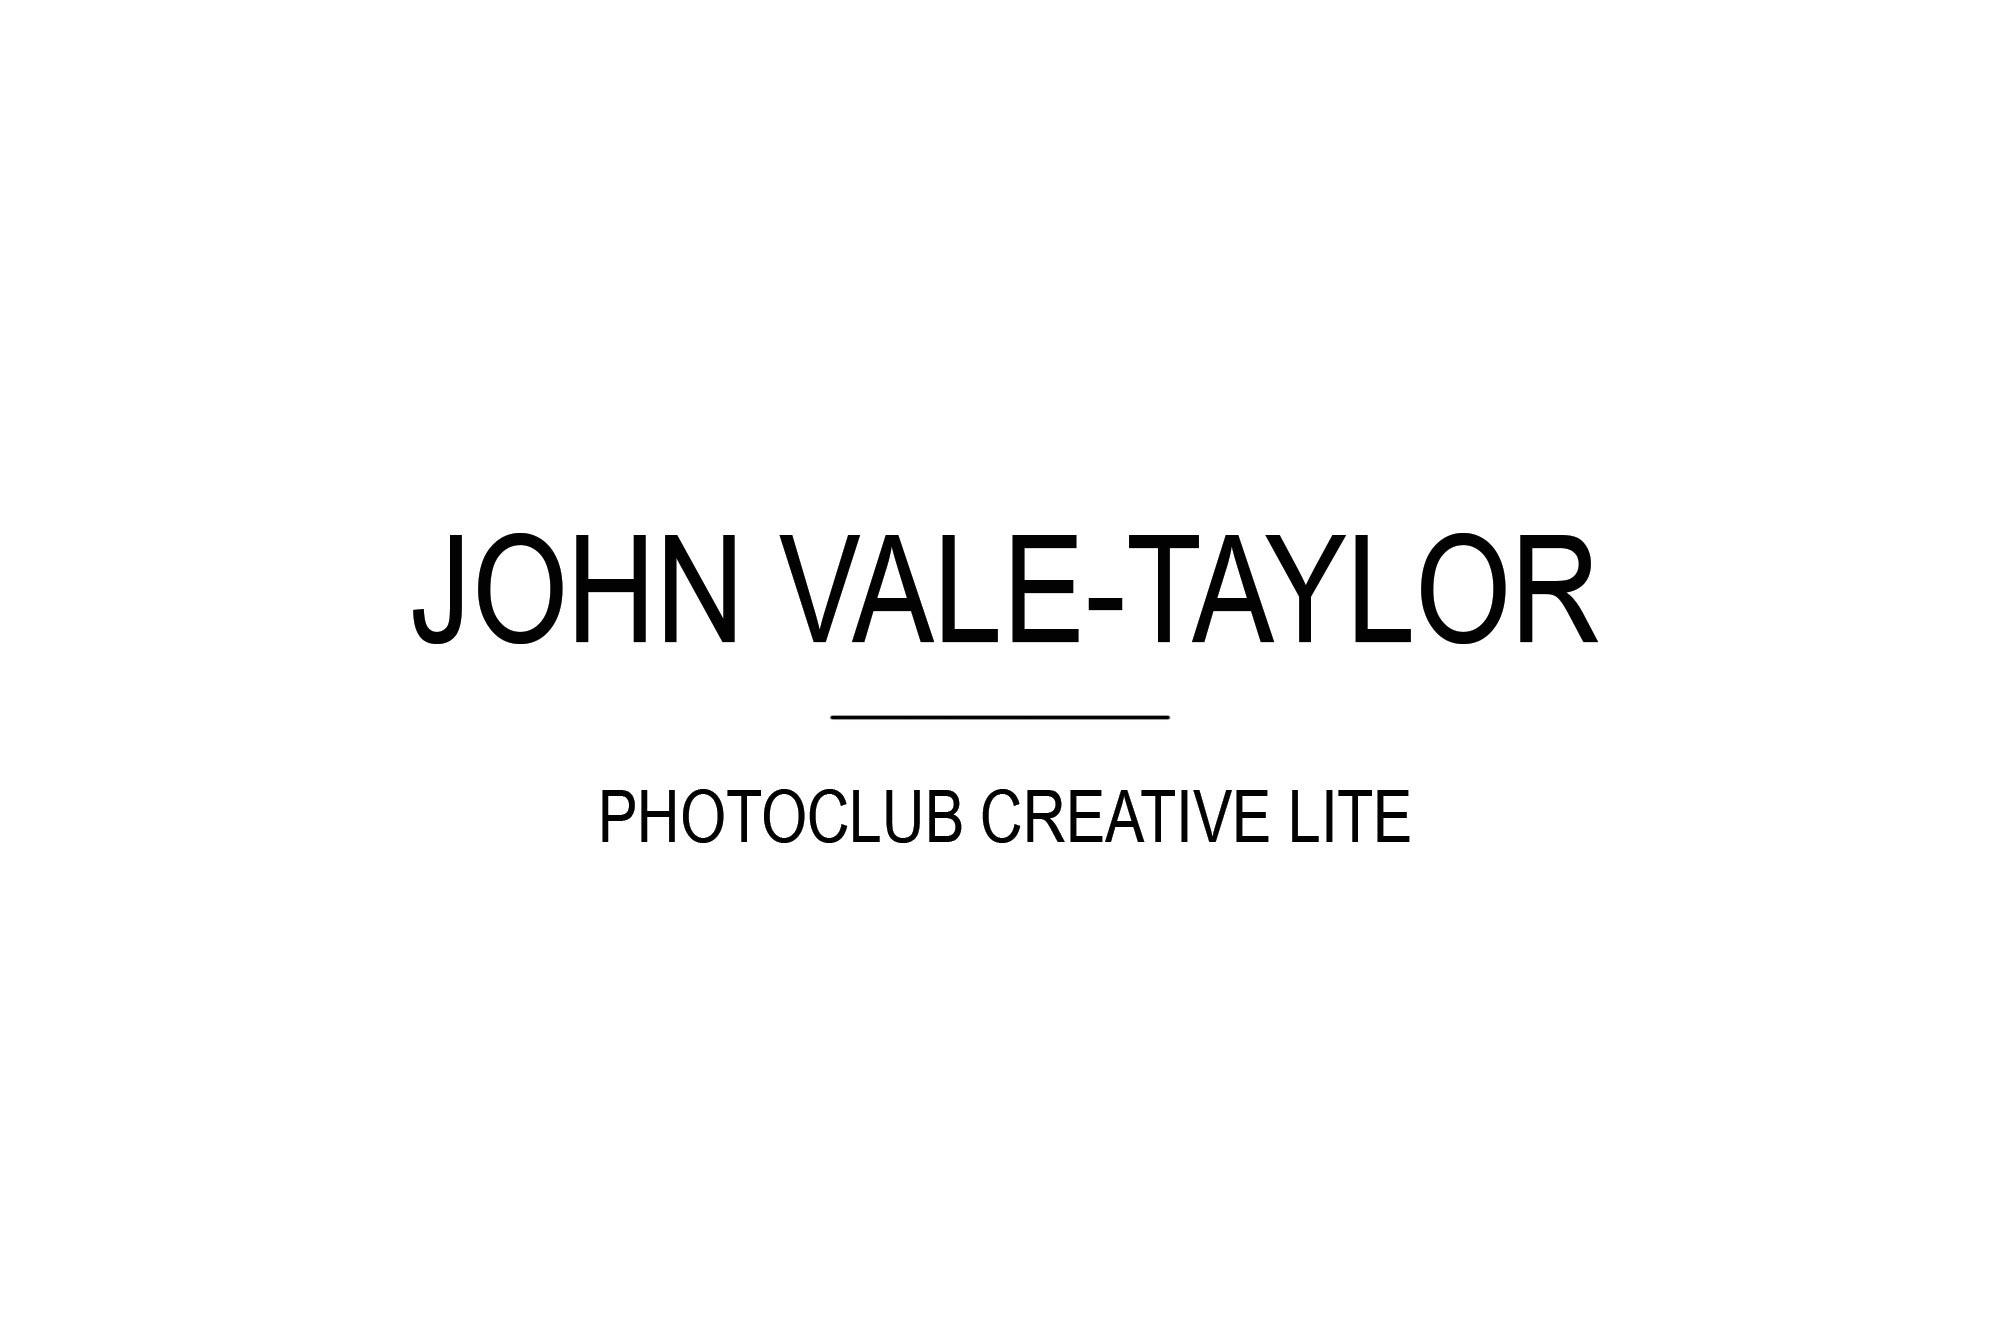 JohnValeTaylor_00_Title_WhtBg.jpg